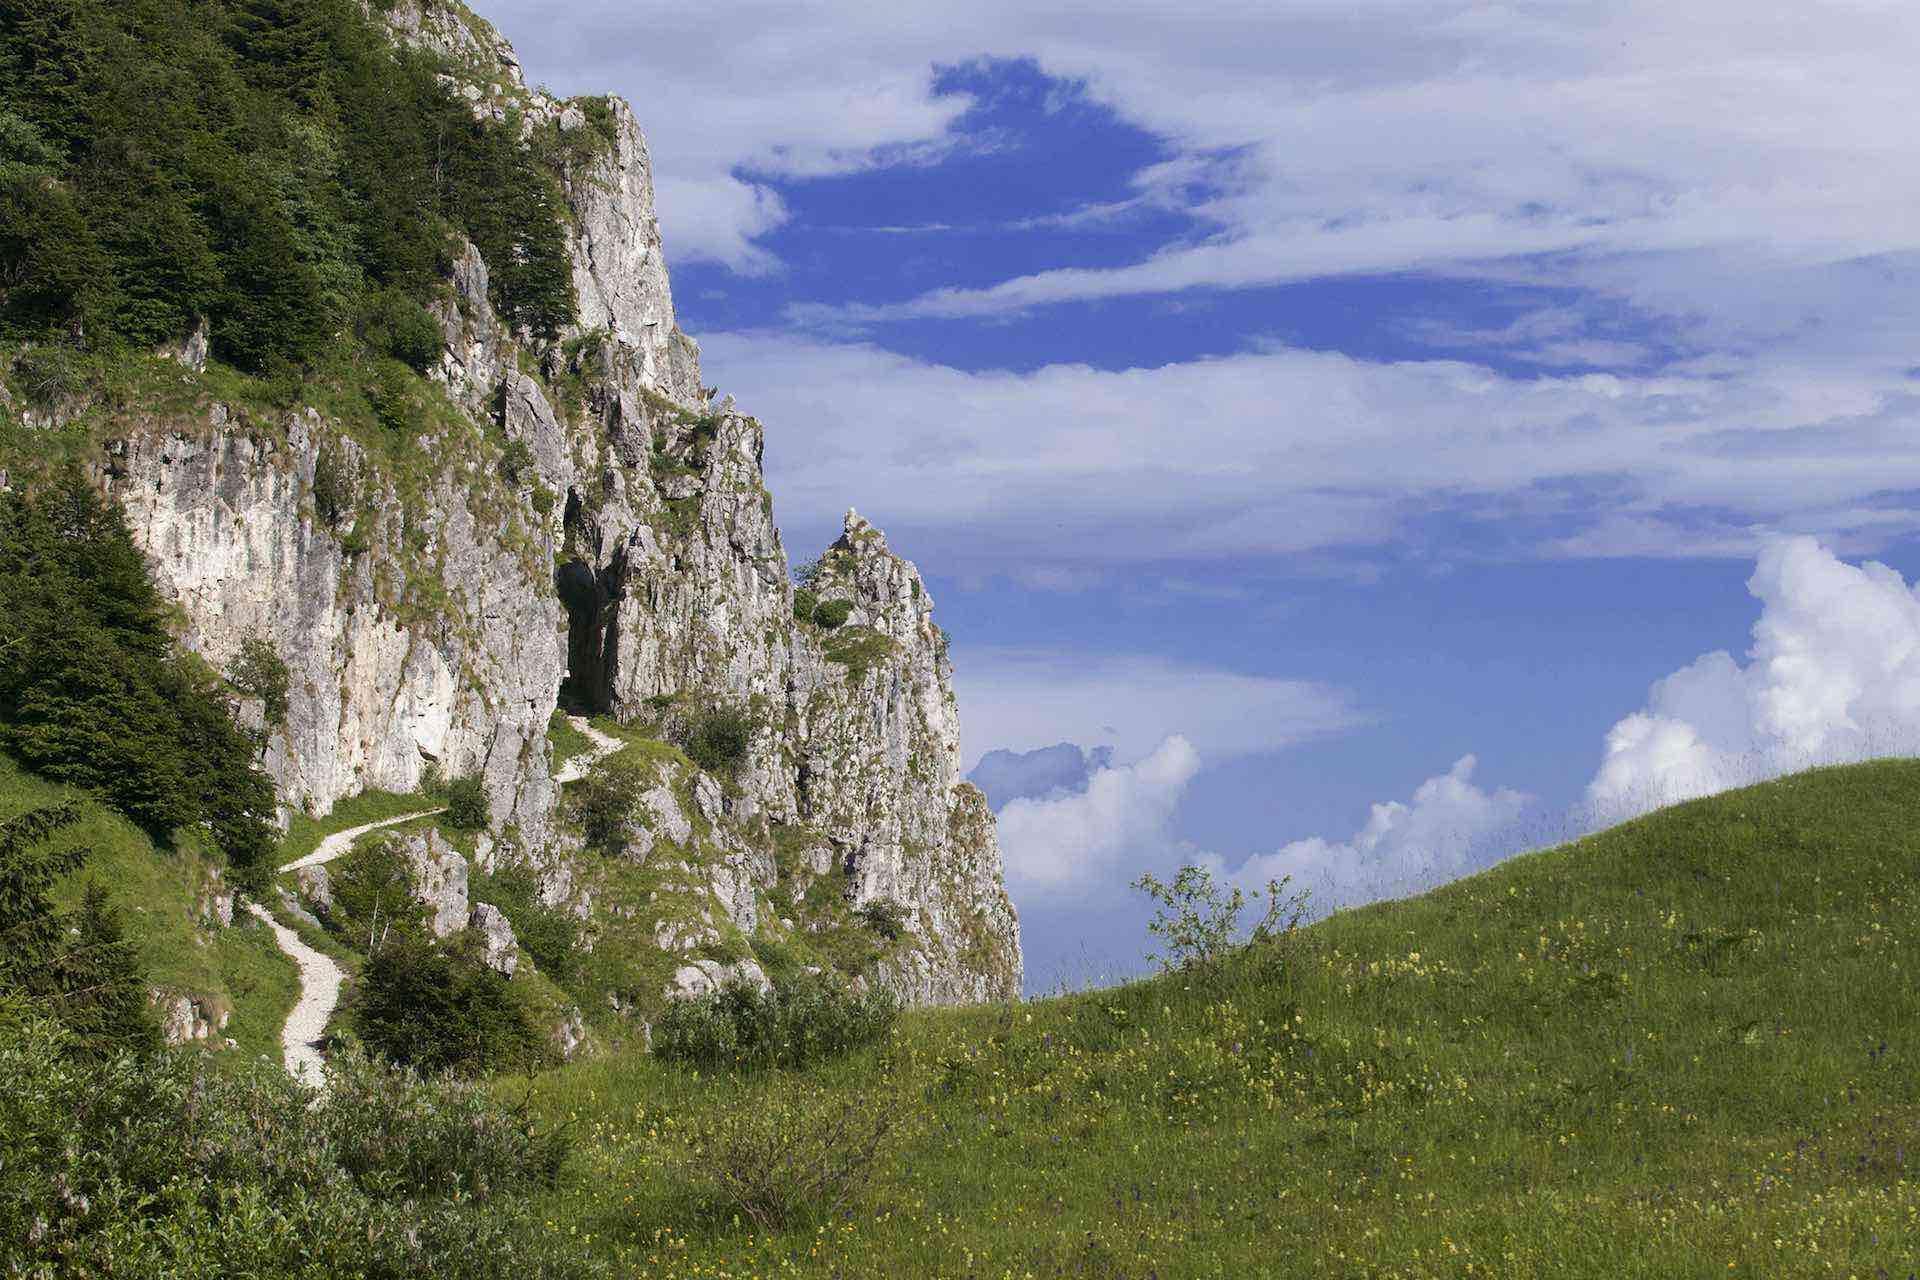 L'Alta Via TVA per conoscere le Prealpi Trevigiane e godere del panorama sulla Laguna Veneta